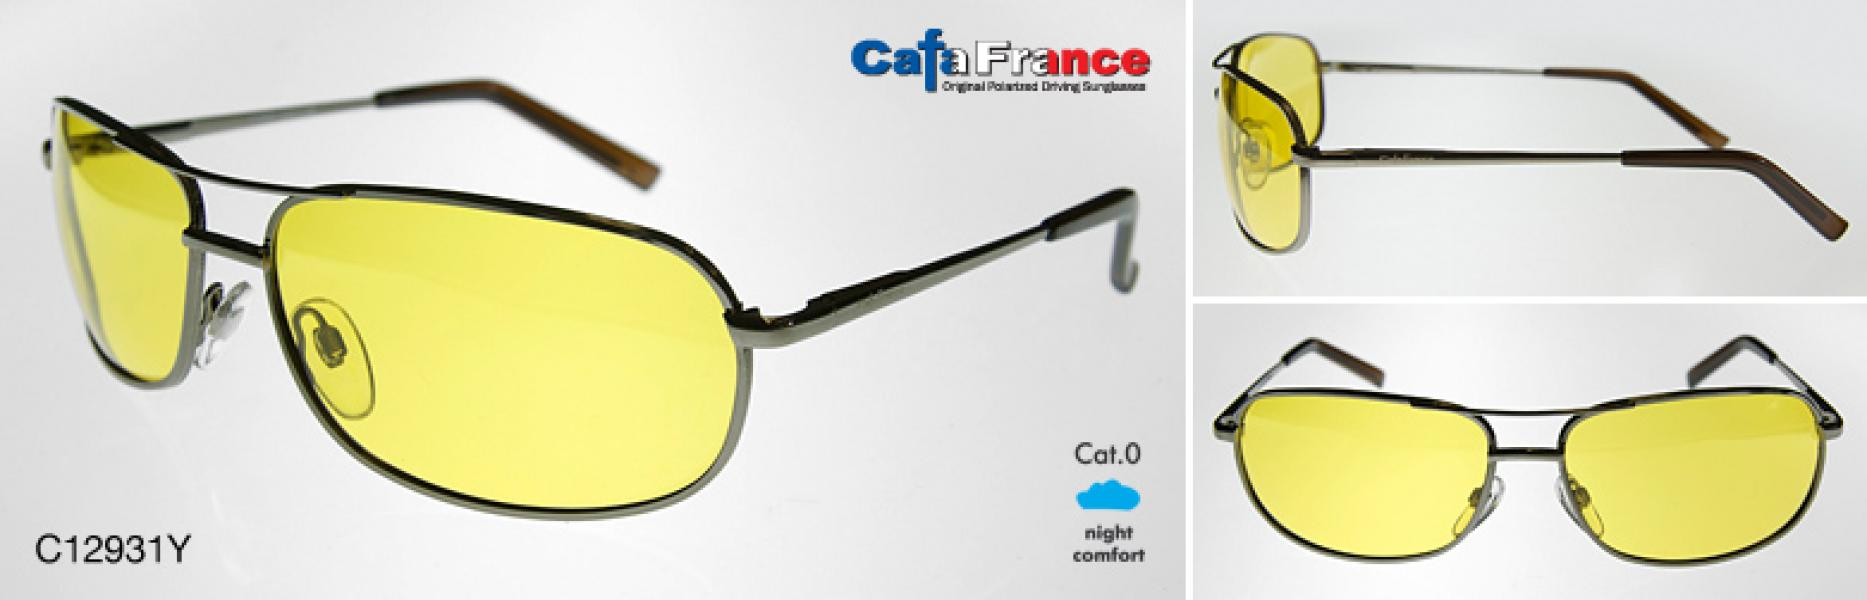 Очки поляризационные Cafa France C12931Y